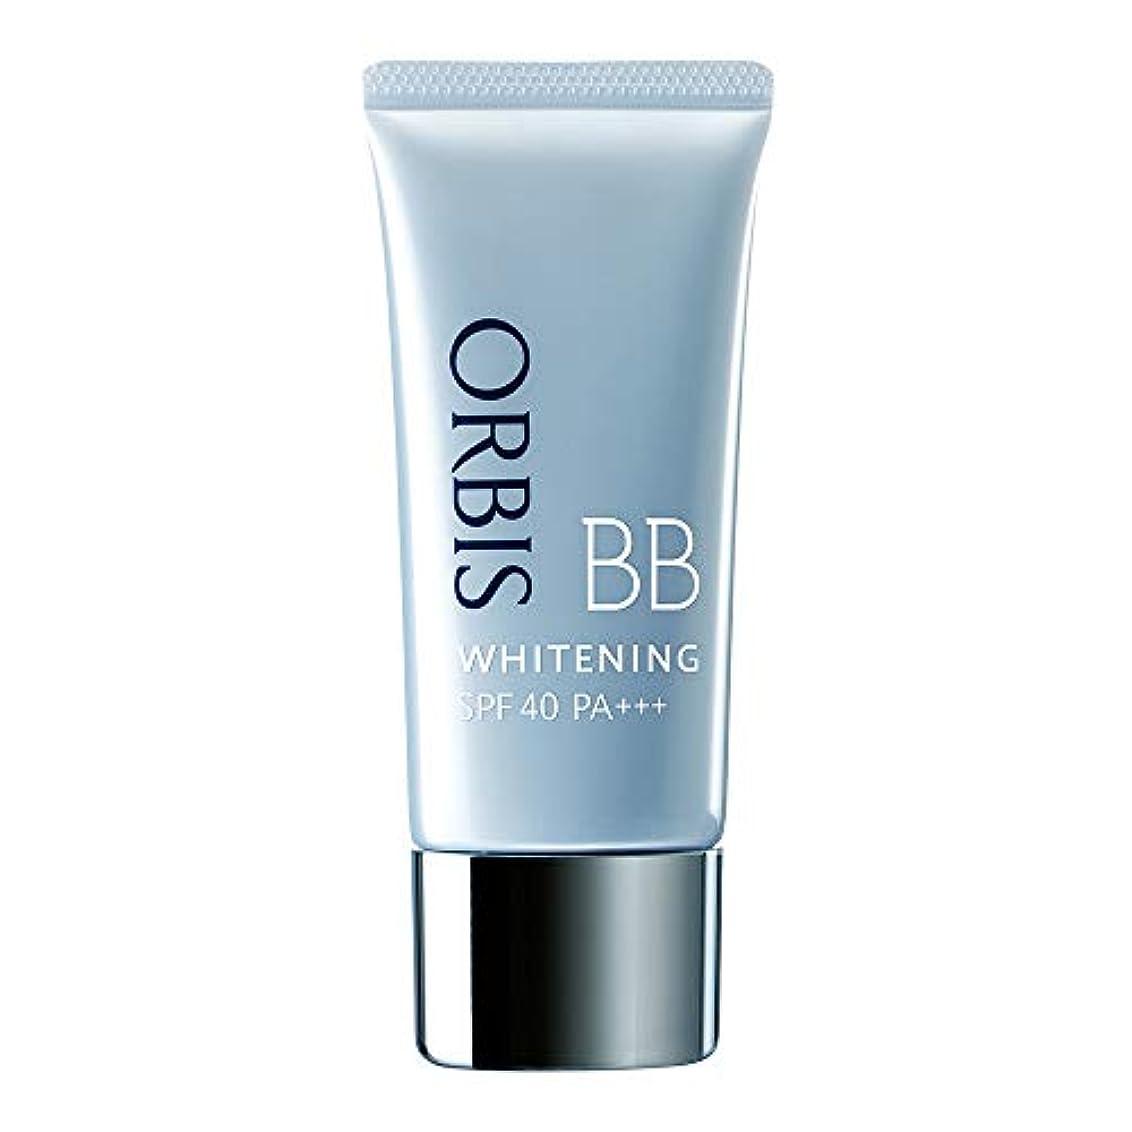 説得力のあるブラインド掘るオルビス(ORBIS) ホワイトニングBB(パフなし)ライト 35g SPF40/PA+++ ◎薬用美白BBクリーム◎ [医薬部外品]